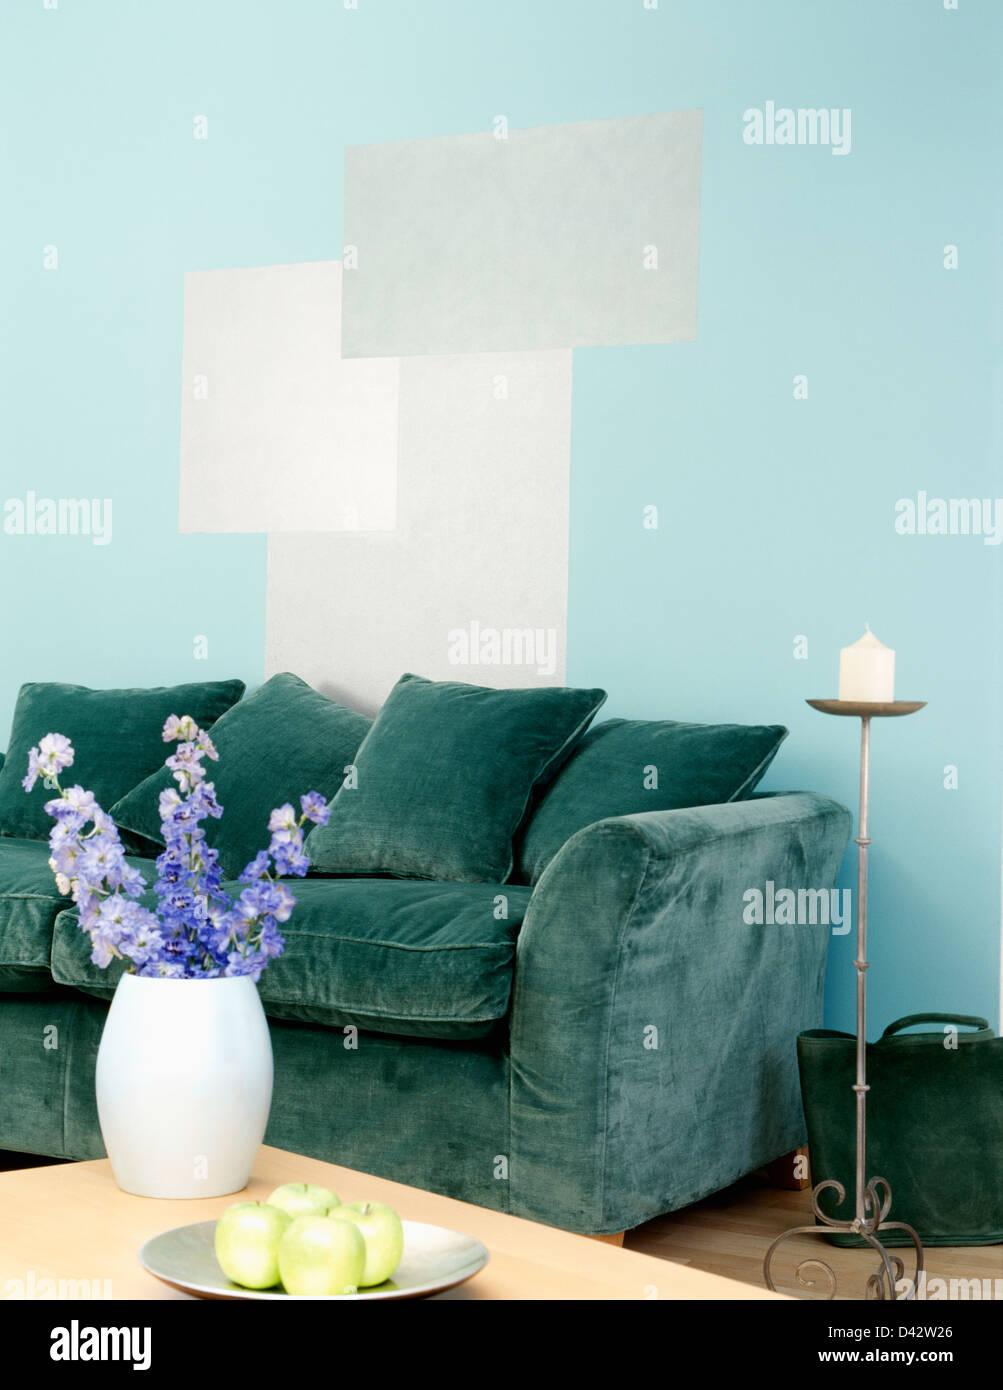 Entzückend Samtsofa Grün Foto Von Grünem Samt Sofa Mit Handbemalten Graue Rechtecke